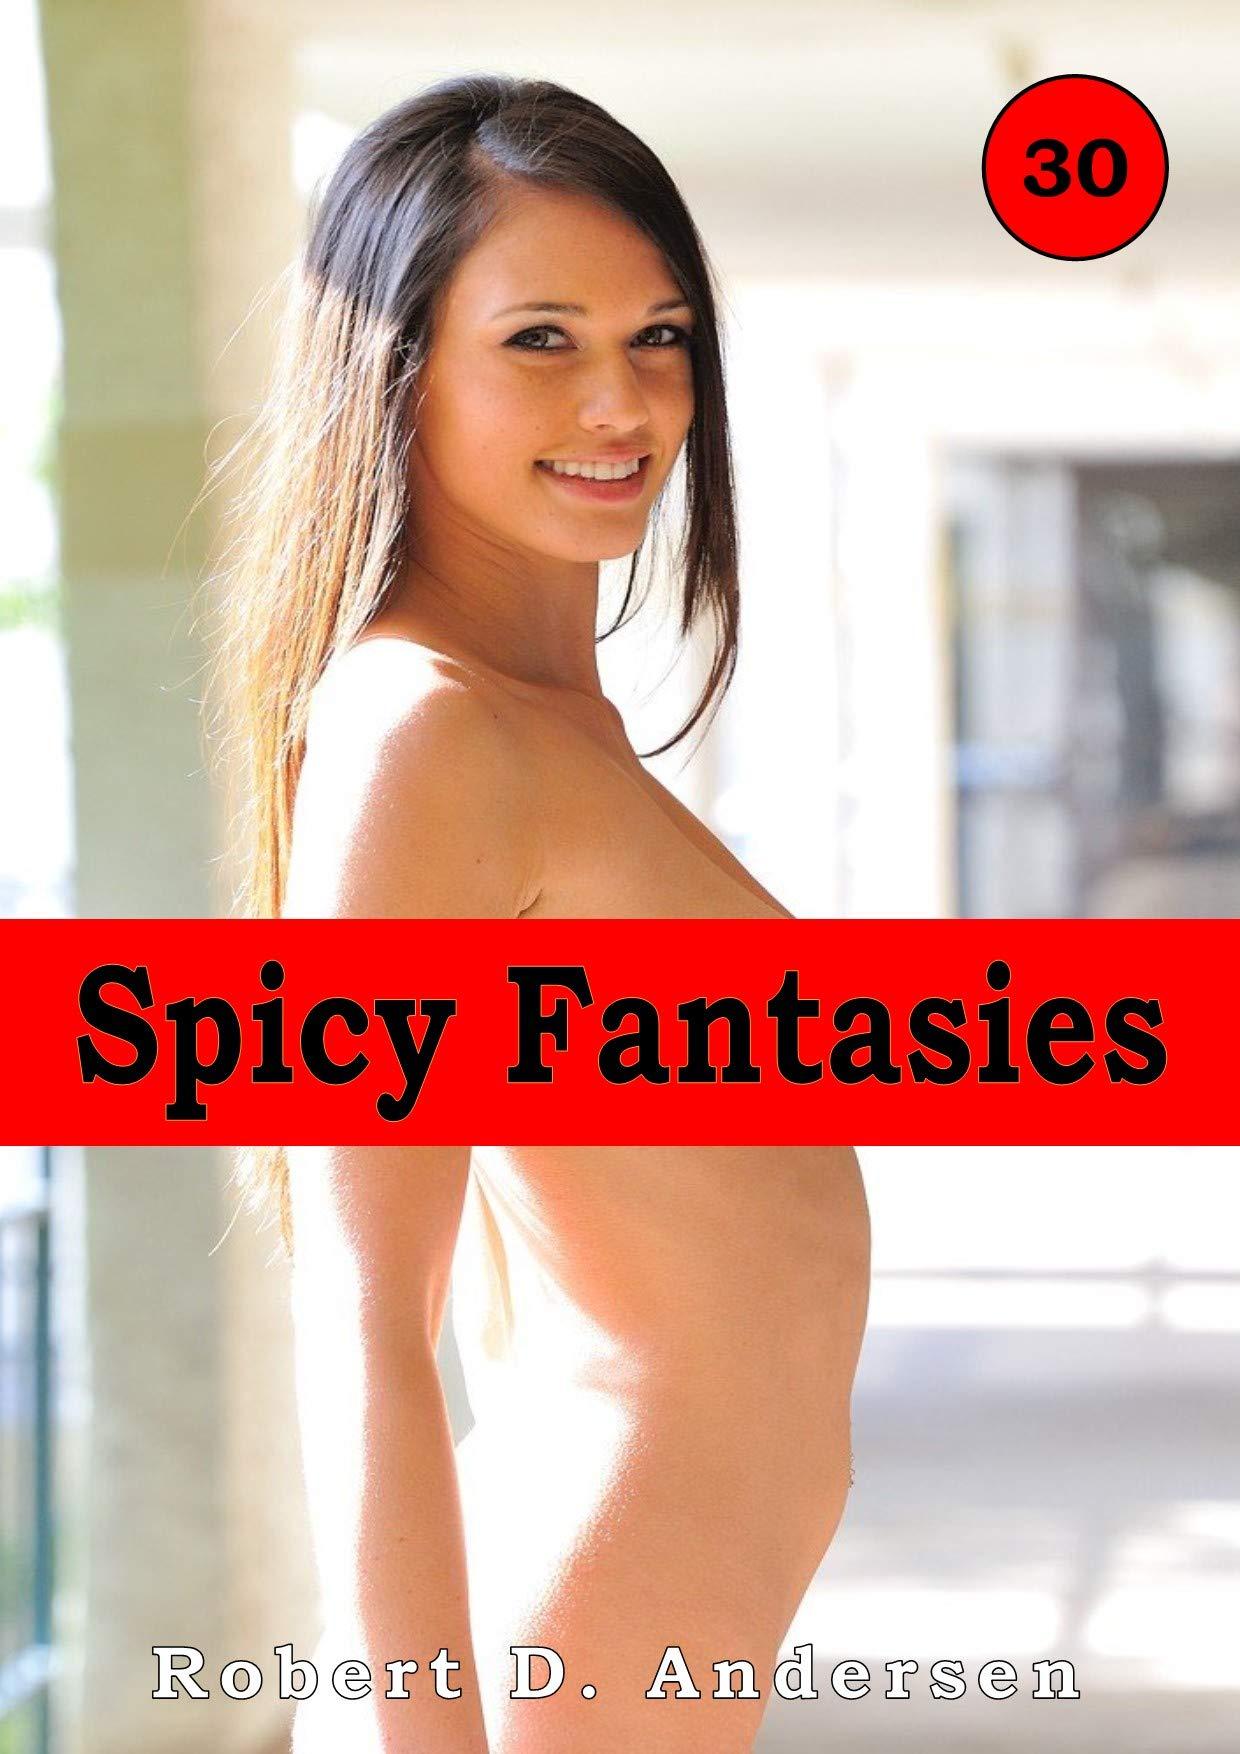 Spicy Fantasies 30